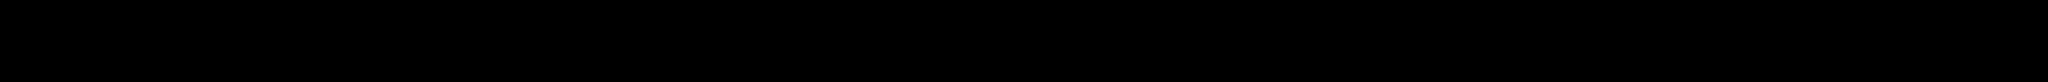 TRW 1H0 698 451 D, 1J0 698 451, 1J0 698 451 B, 1J0 698 451 D, 1J0 698 451 E Zestaw klocków hamulcowych, hamulce tarczowe